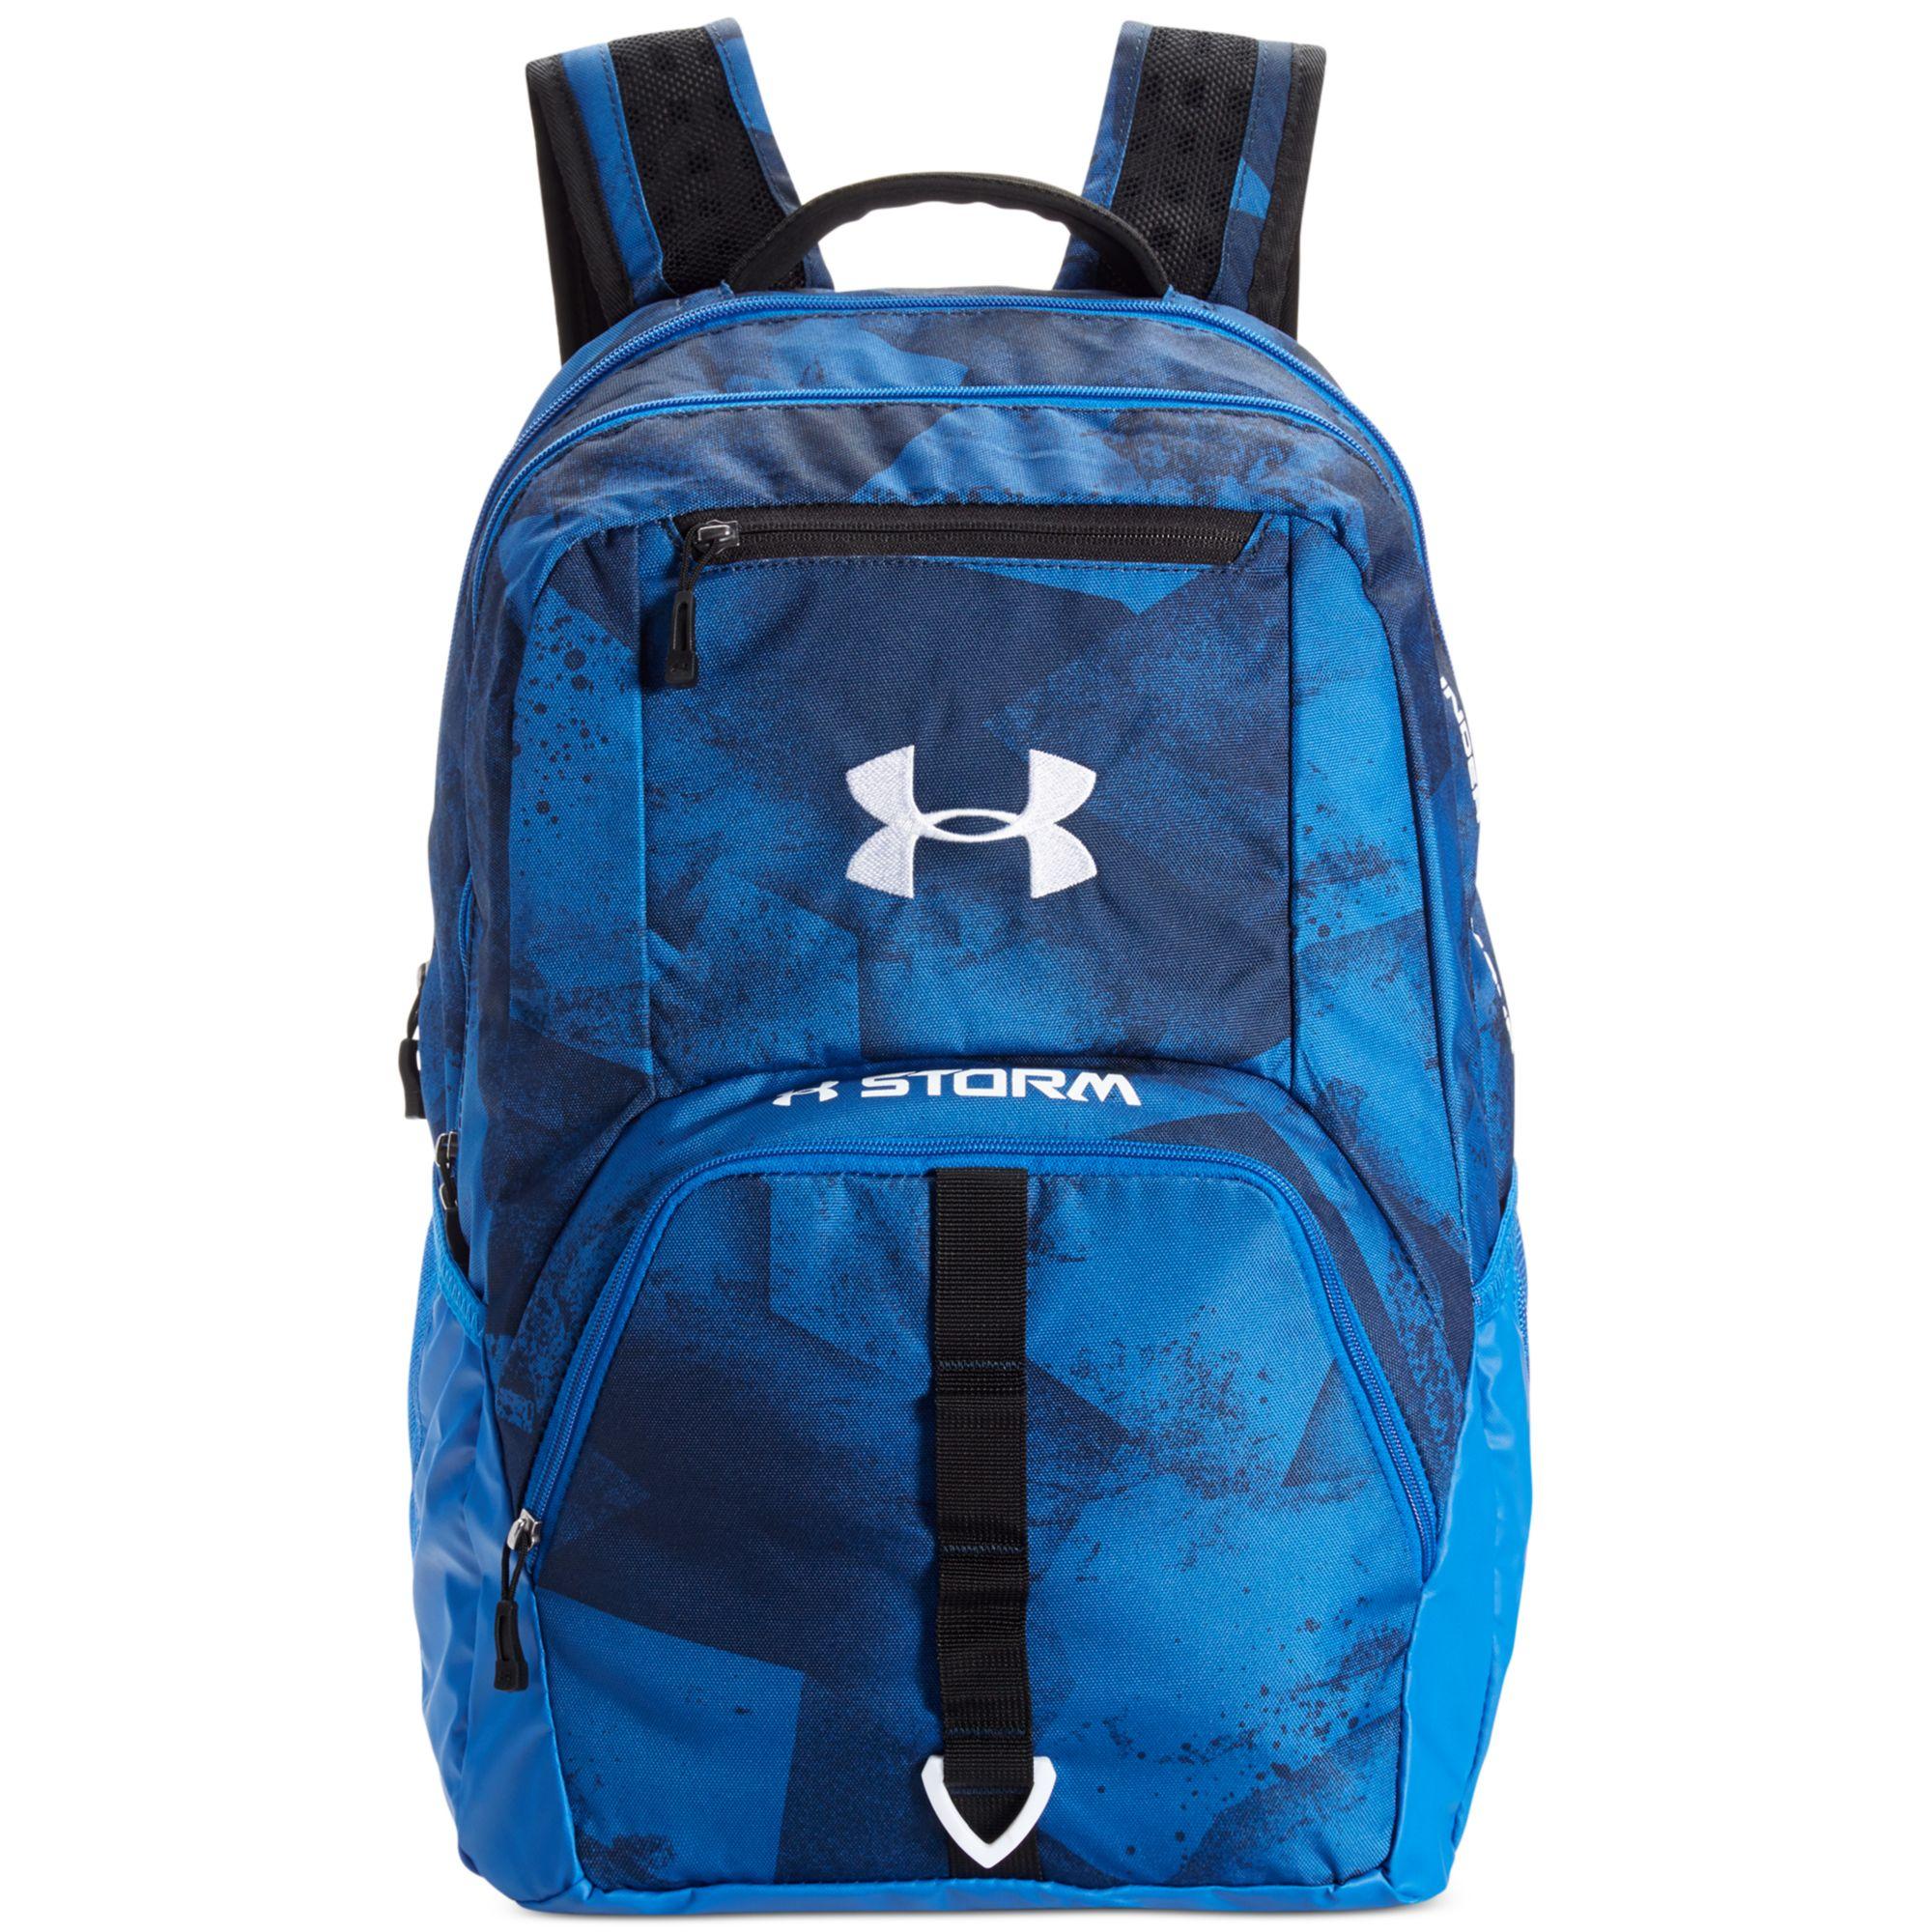 Under Armour Exeter Backpack In Blue For Men Breaker